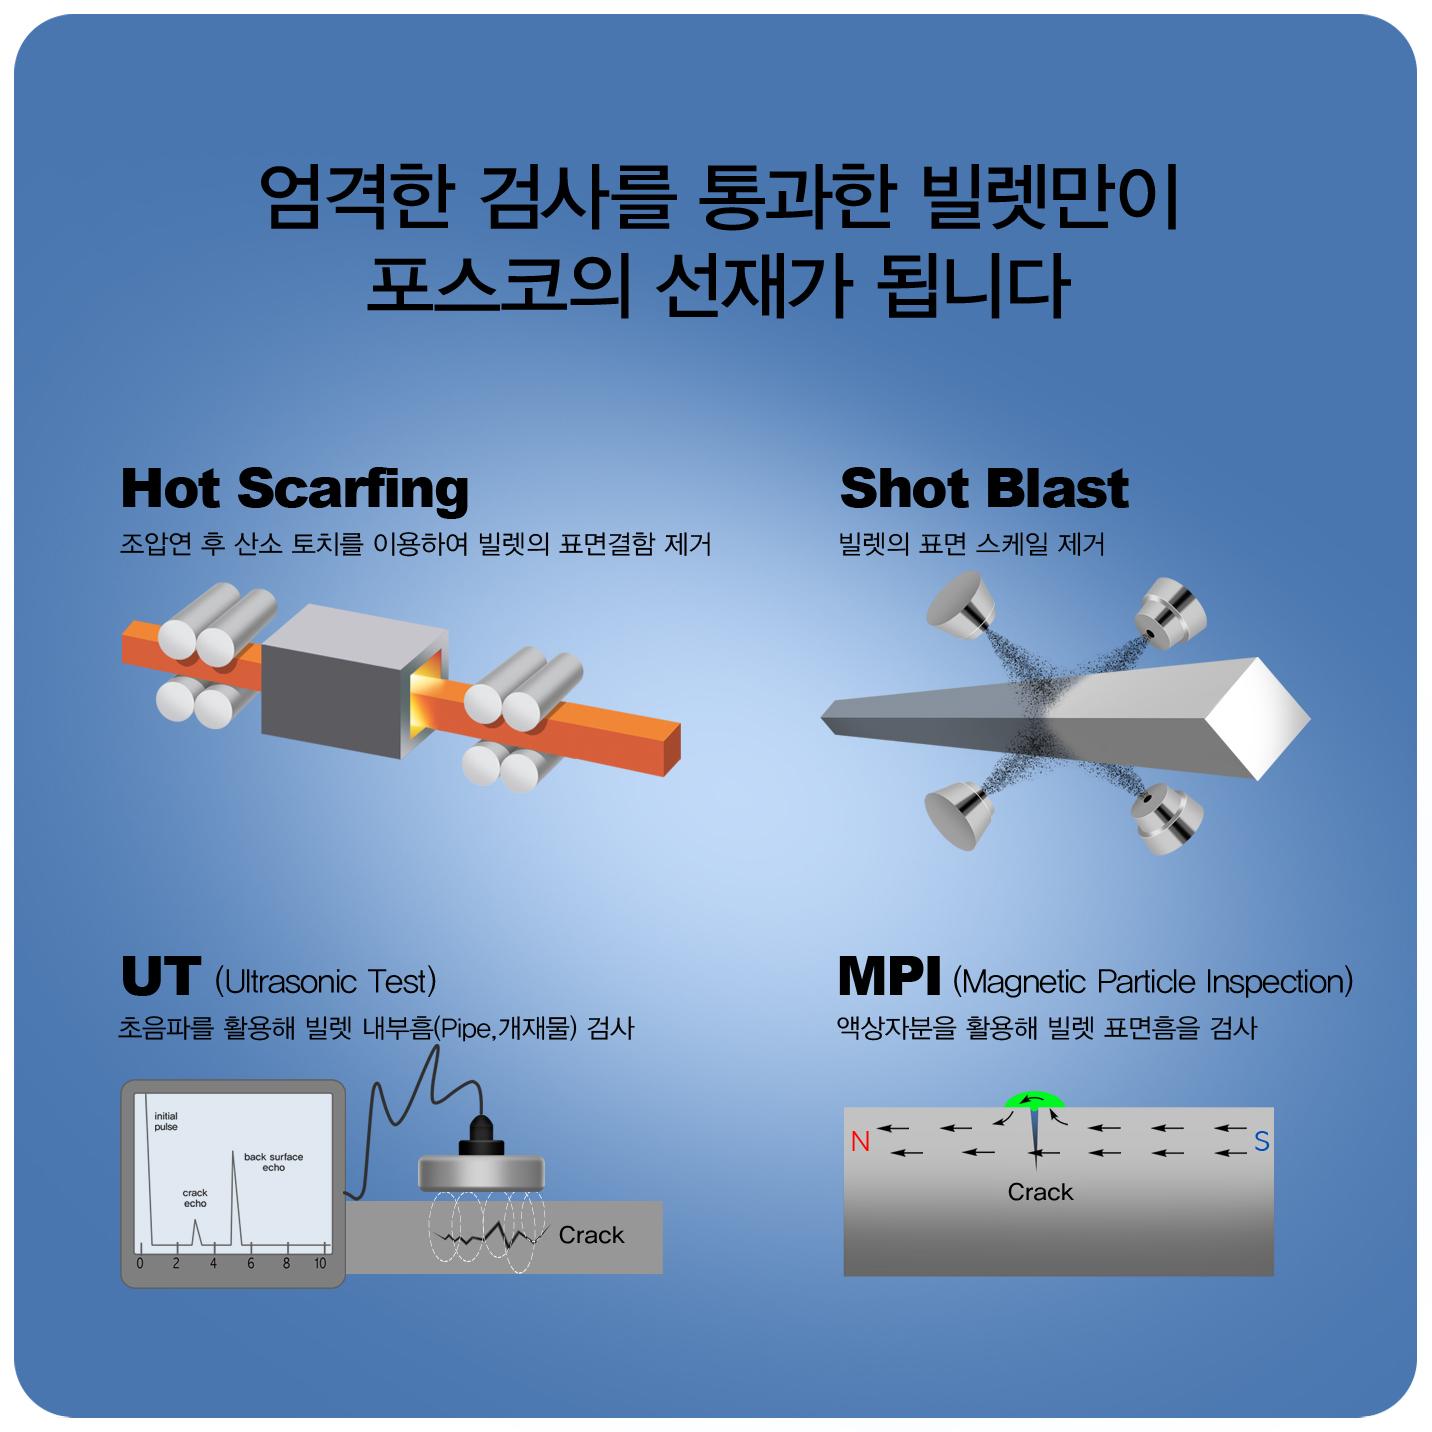 엄격한 검사를 통과한 빌렛만이 포스코의 선재가 됩니다 Hot Scarhing 조압연 후산소 토치를 이용하여 빌렛의 표면 결함 제거 shot blast 빌렛의 표면스케일 제거 ut(ultrasonic test) 초음파를 활용해 빌렛내부흠(pipe,개재물)검사 mpi (magnetic particle inspection) 액상자분을 활용해 비렛표면흠을 검사